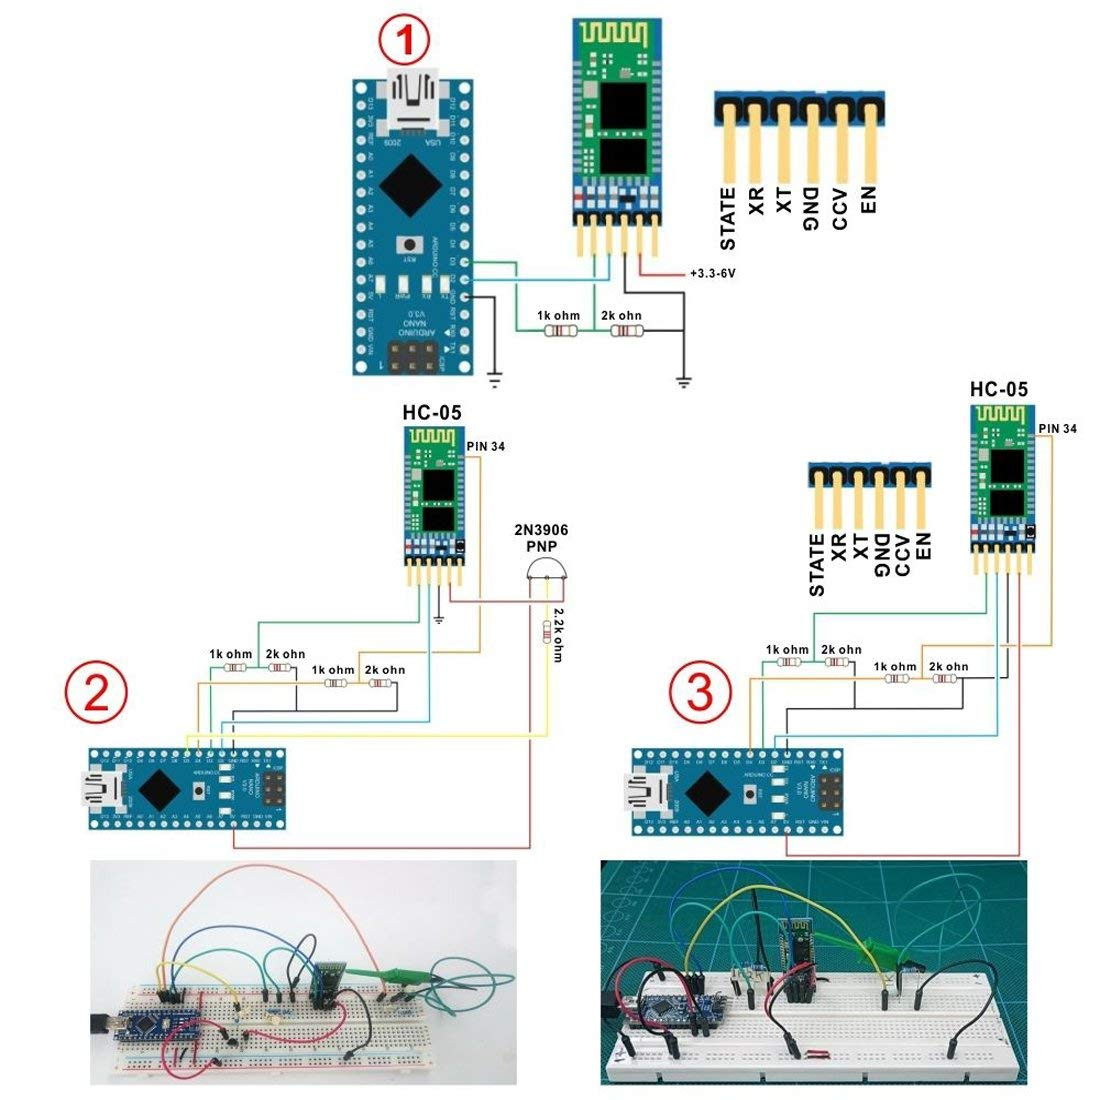 HC-05 6 Pin Wireless Bluetooth RF Transceiver Module Serial BT Module for Arduino